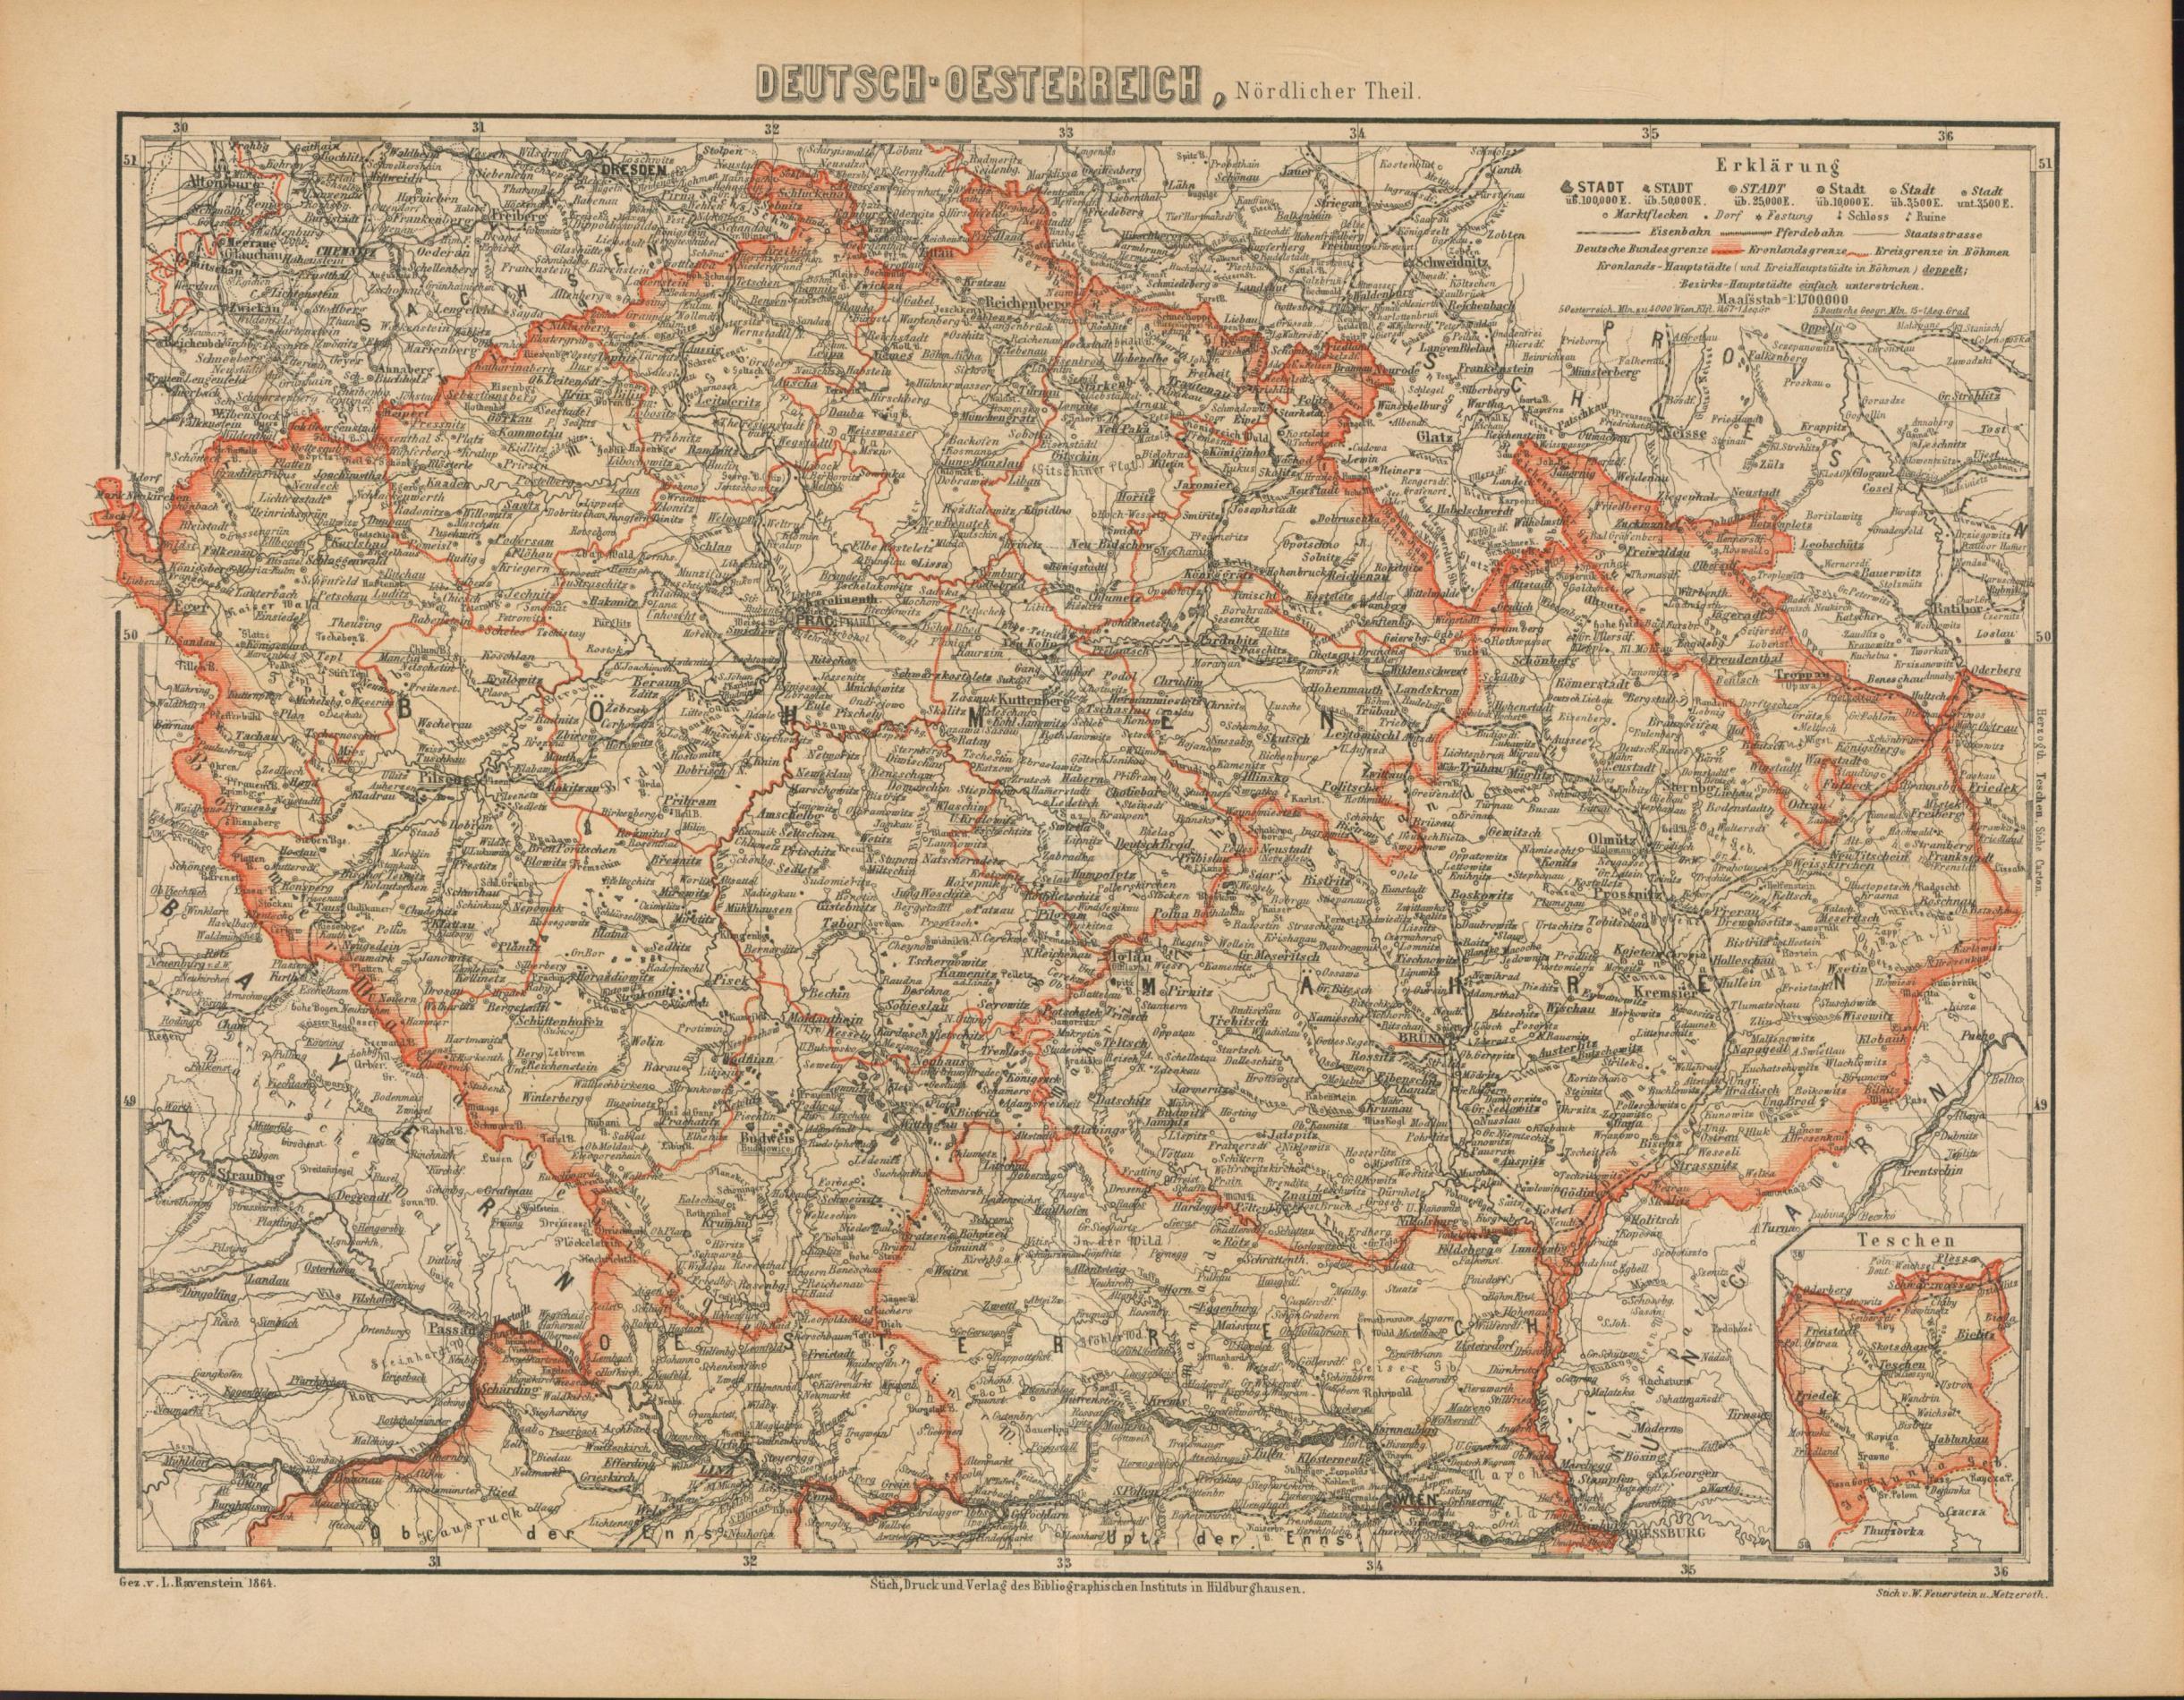 Deutsch - Oestereich nördlicher Theil von 1864,Maßstab: Historische Landkarte KEIN